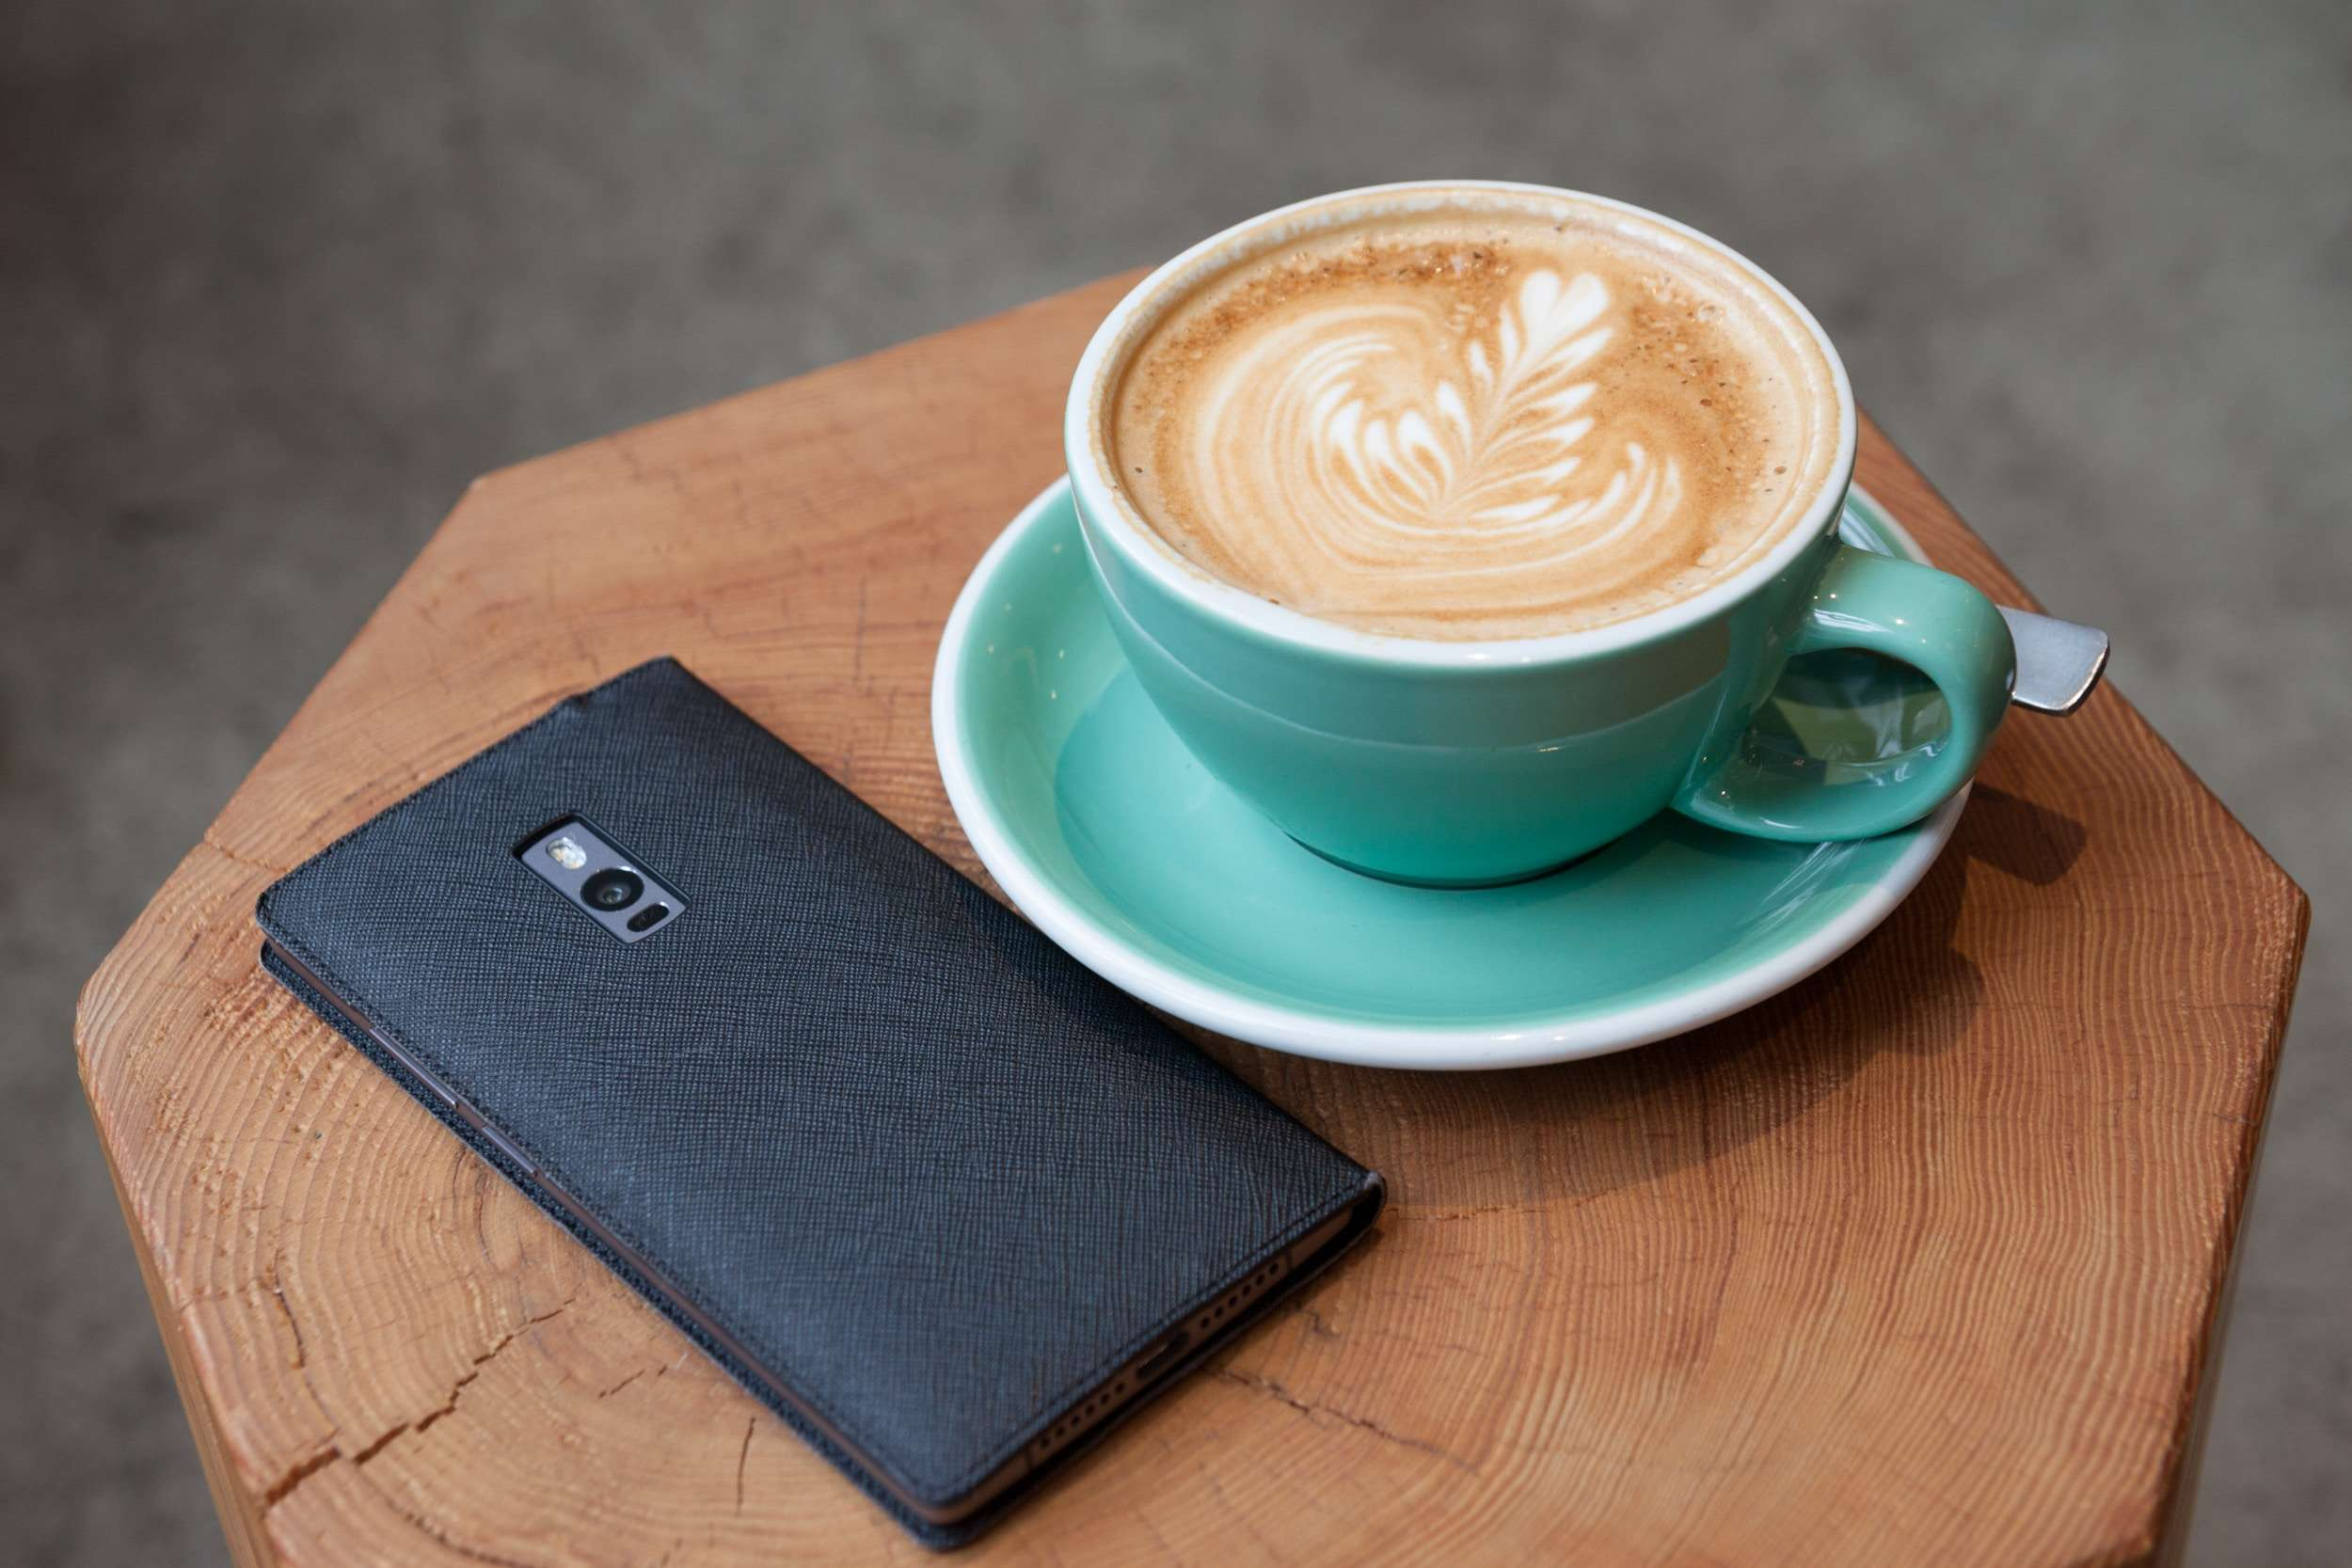 Aplicaciones de café para Android aplicaciones de café para android Aplicaciones de Café para Android: Top 5 Aplicaciones de caf   para Android